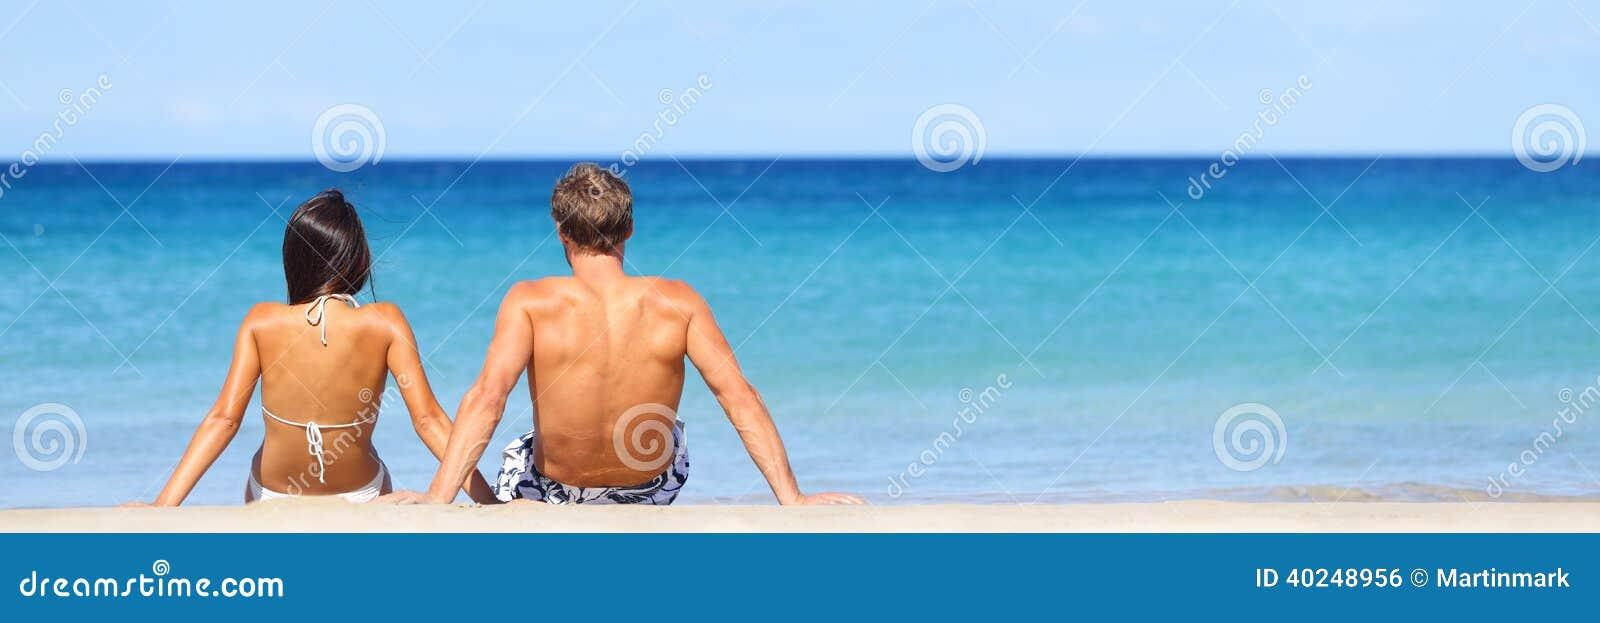 Insegna di viaggio della spiaggia - rilassamento romantico delle coppie